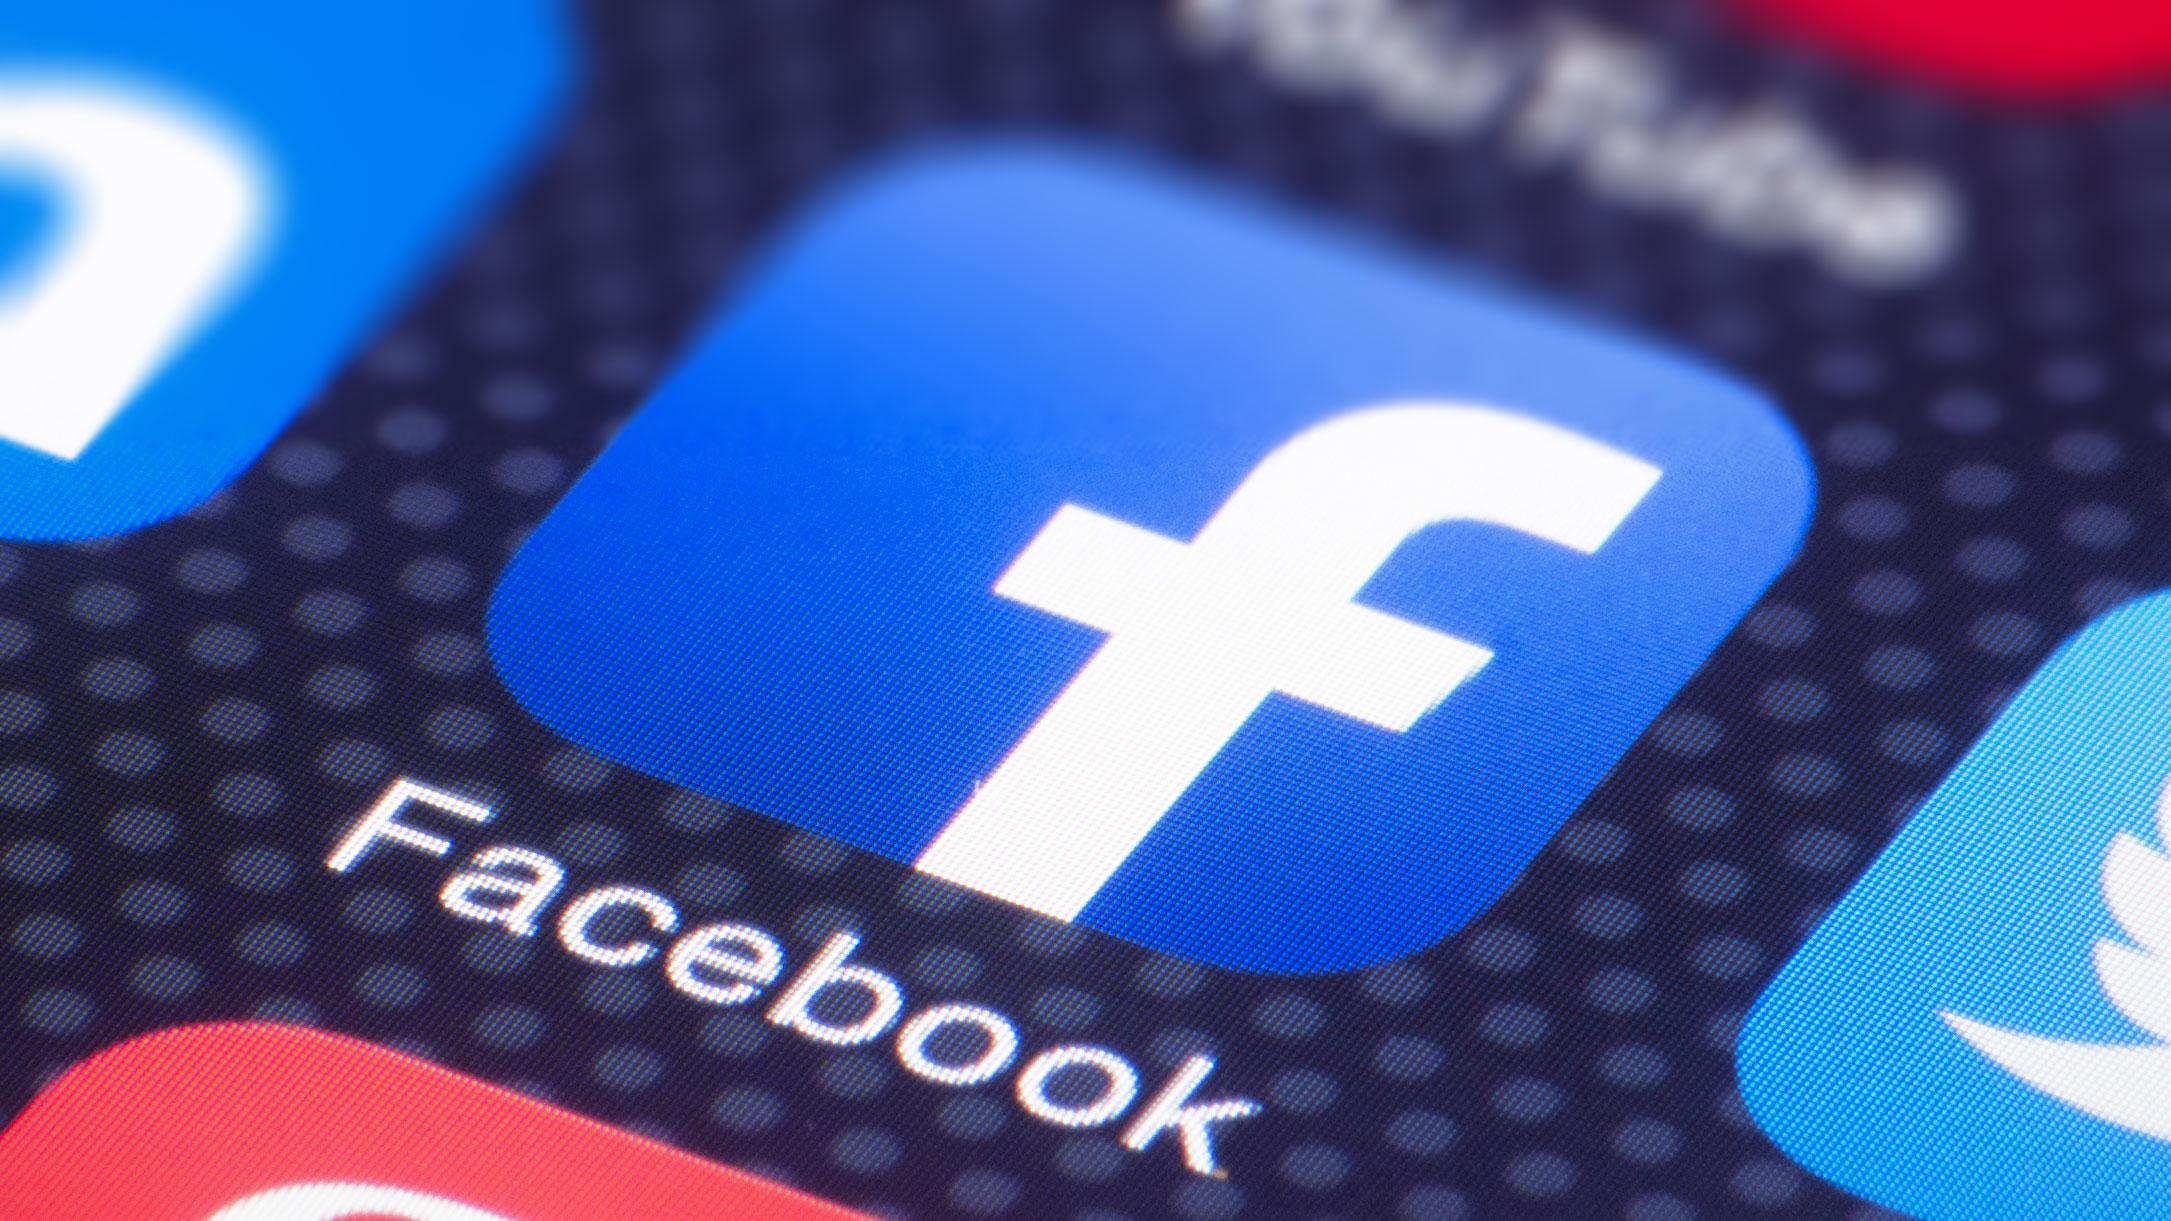 Facebook no planea notificar a los 530 millones de usuarios afectados por filtración de datos